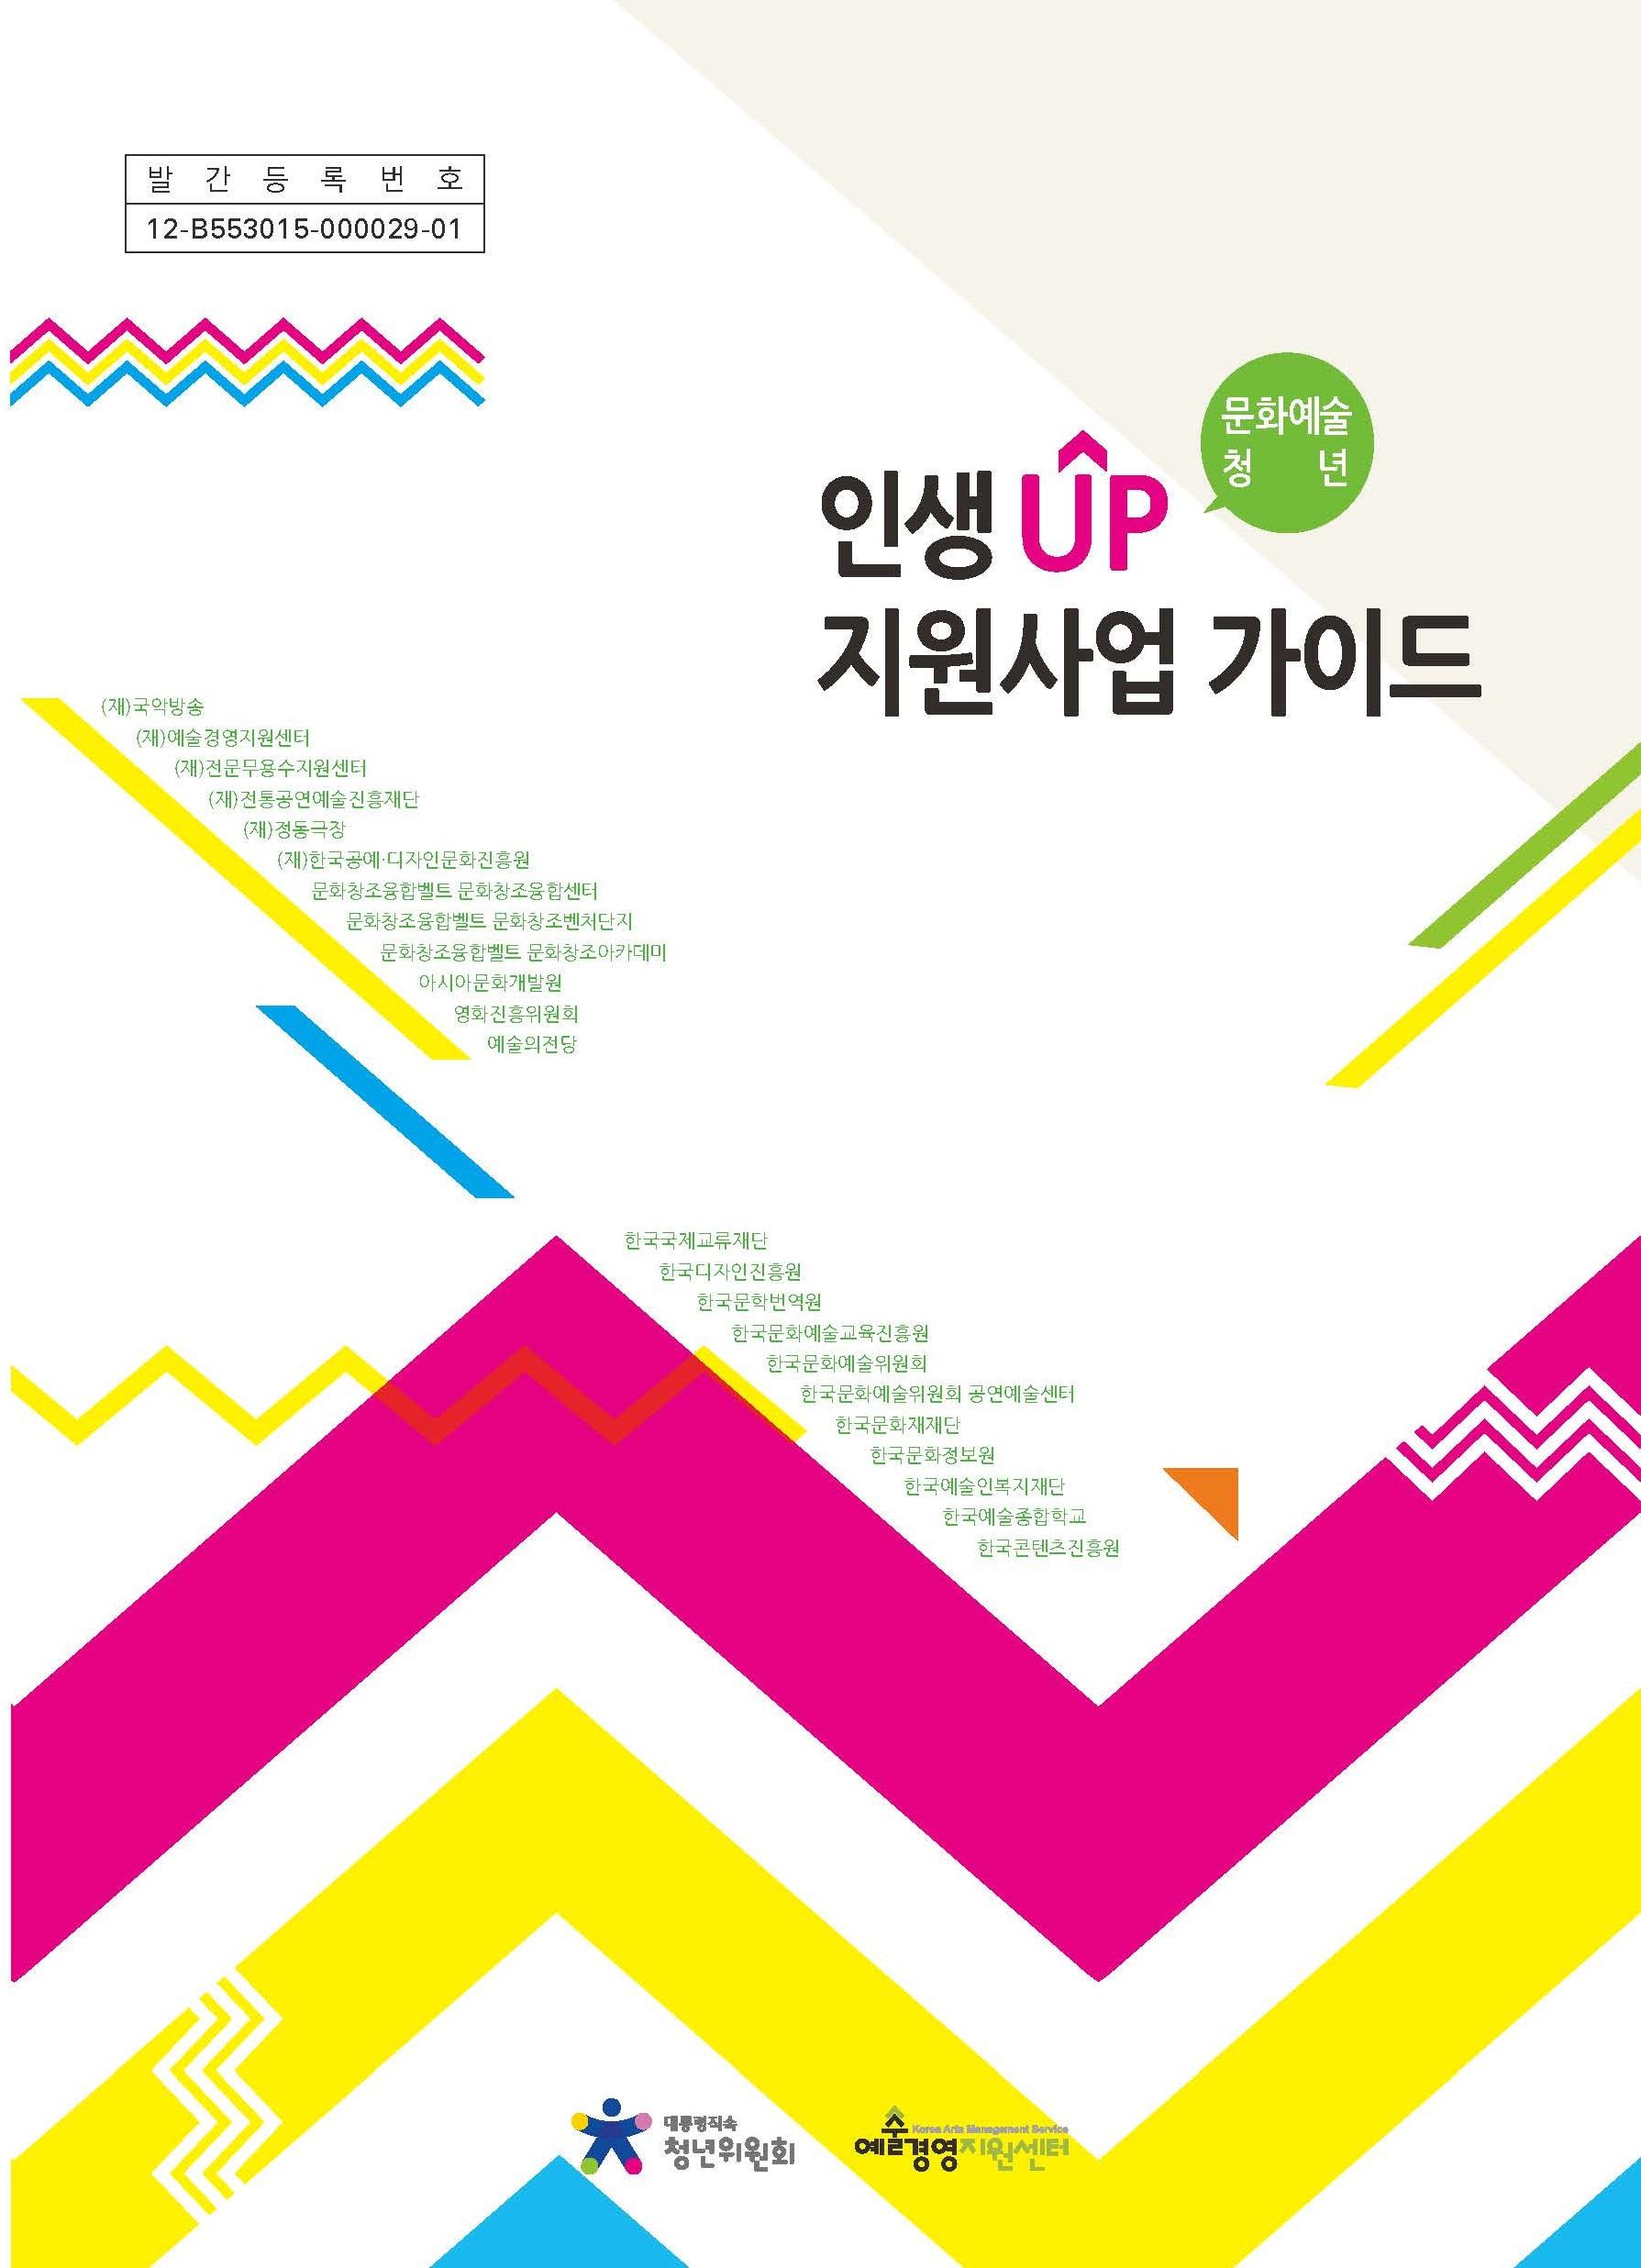 문화예술 청년, 인생 UP 지원사업 가이드